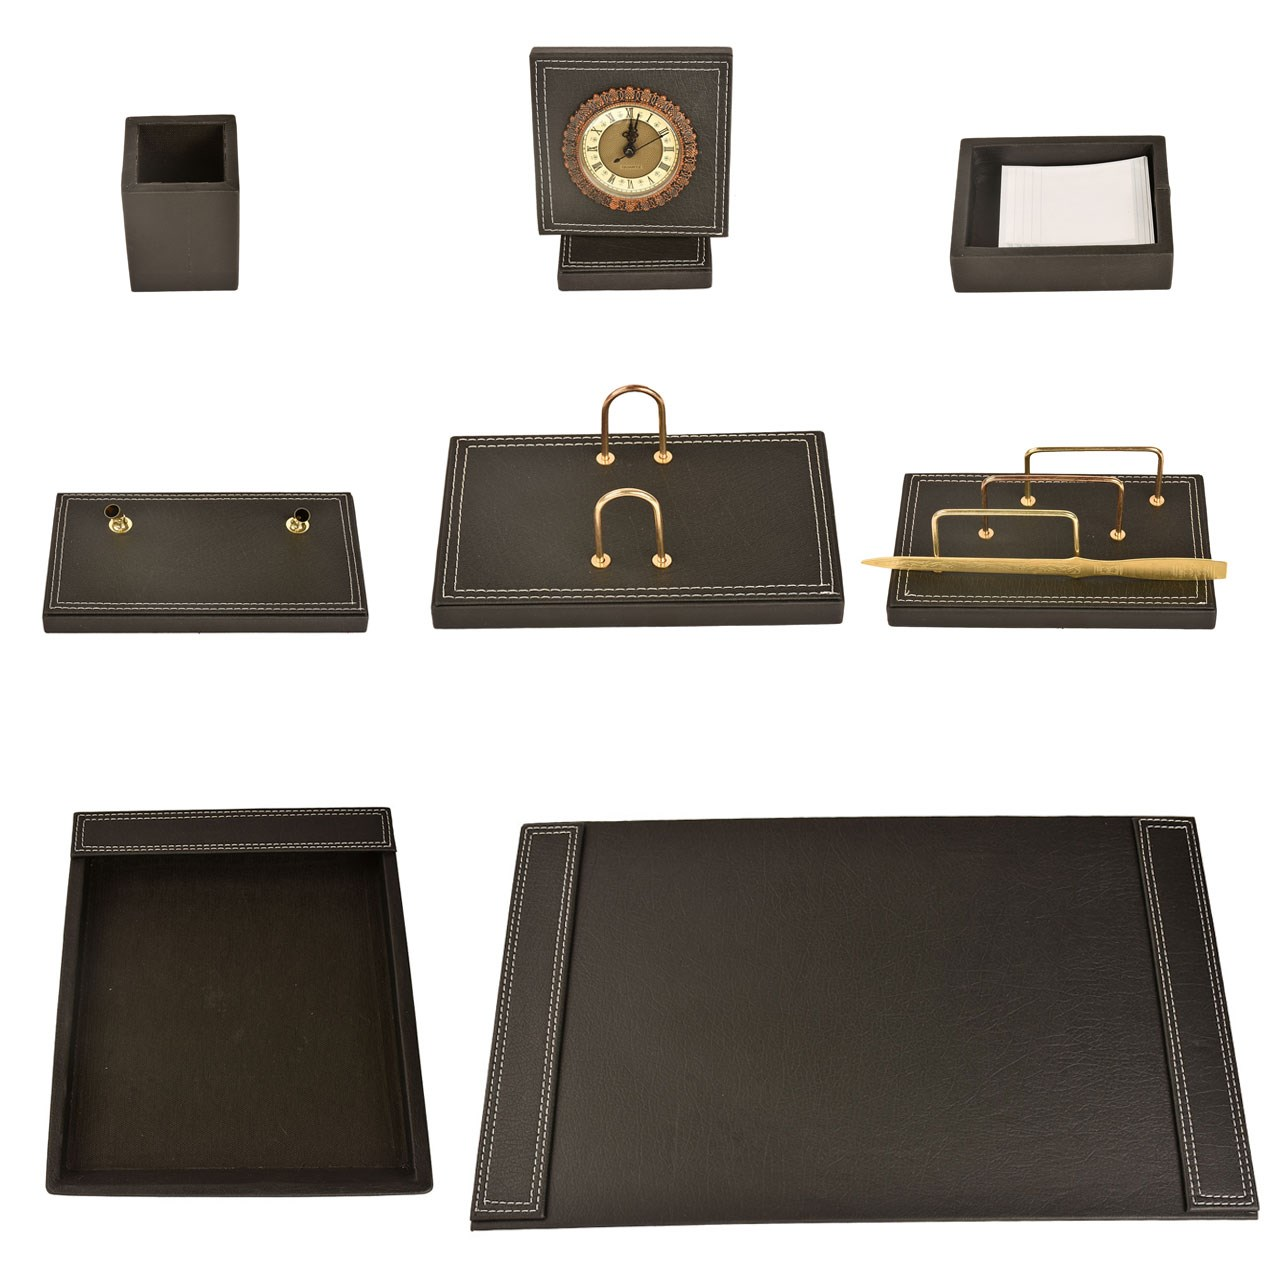 مجموعه لوازم اداری رومیزی 7 تکه پارینه مدل DS5- 3